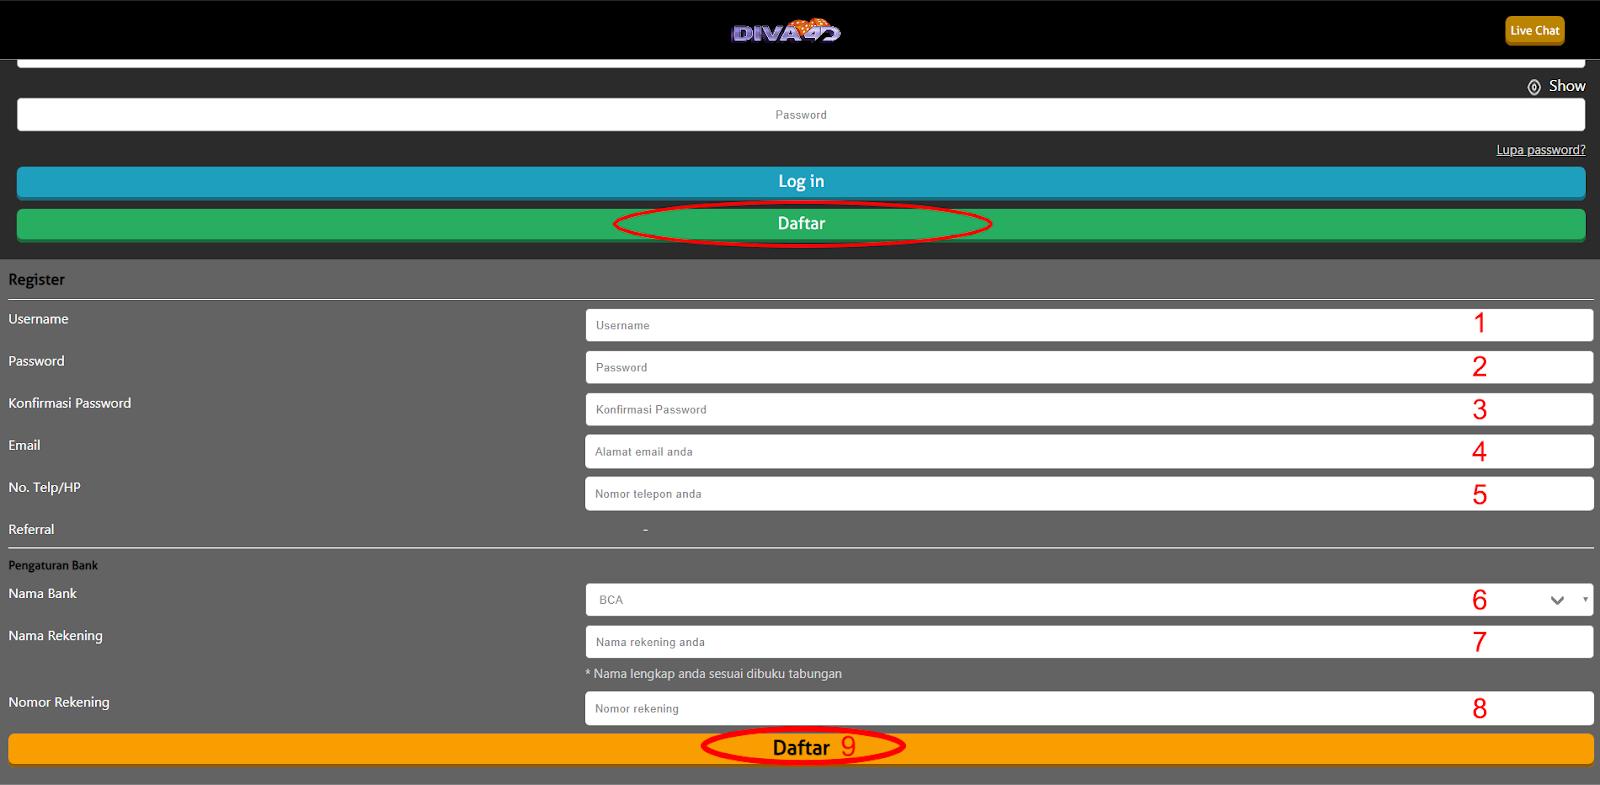 Cara Daftar DIVA4D - Togel Online | Situs Togel Online | Bandar Togel